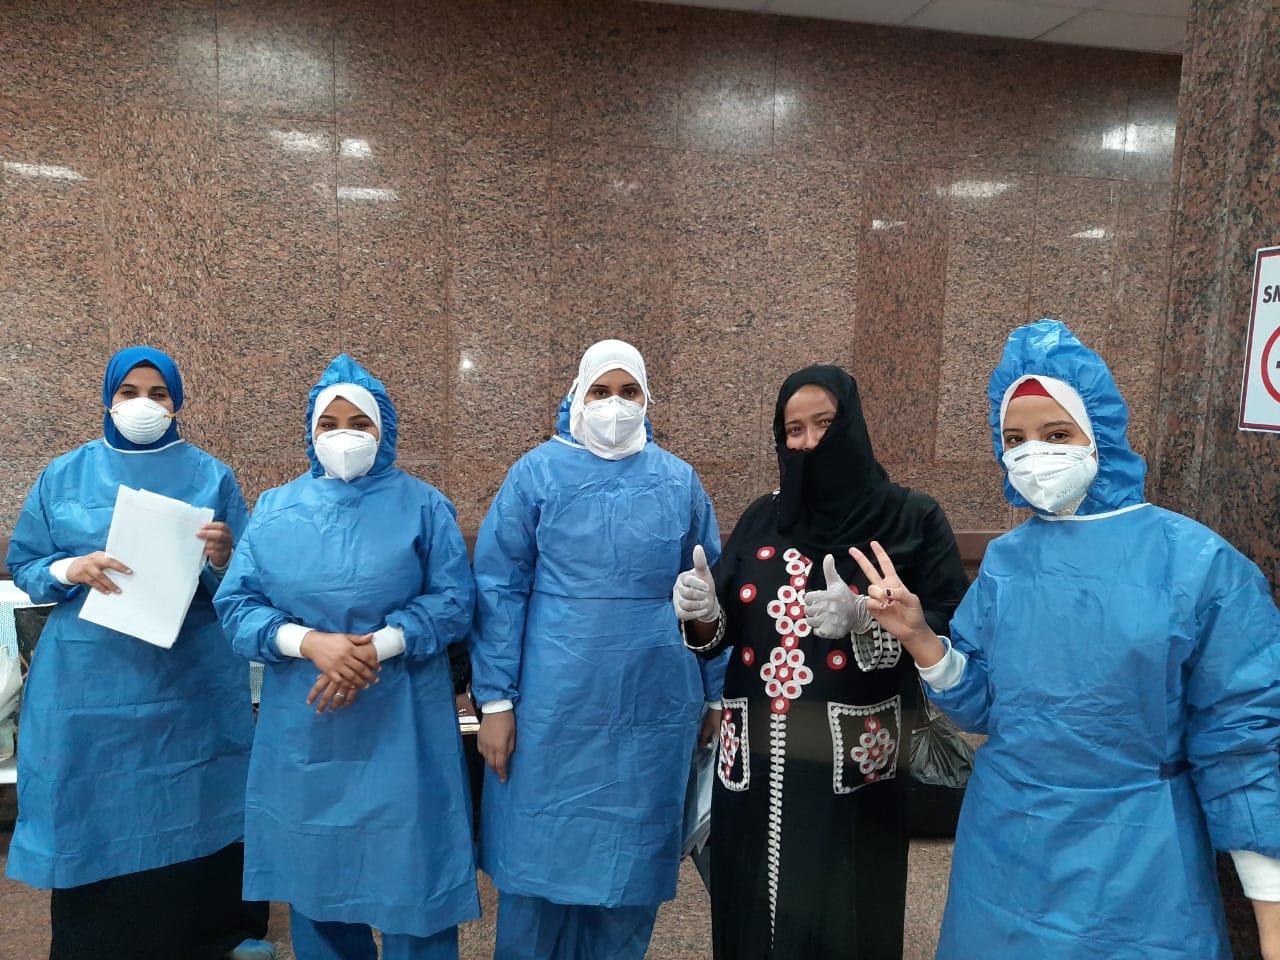 مستشفى الأقصر العام تشهد خروج 10 حالات بعد شفاؤهم من فيروس كورونا (11)